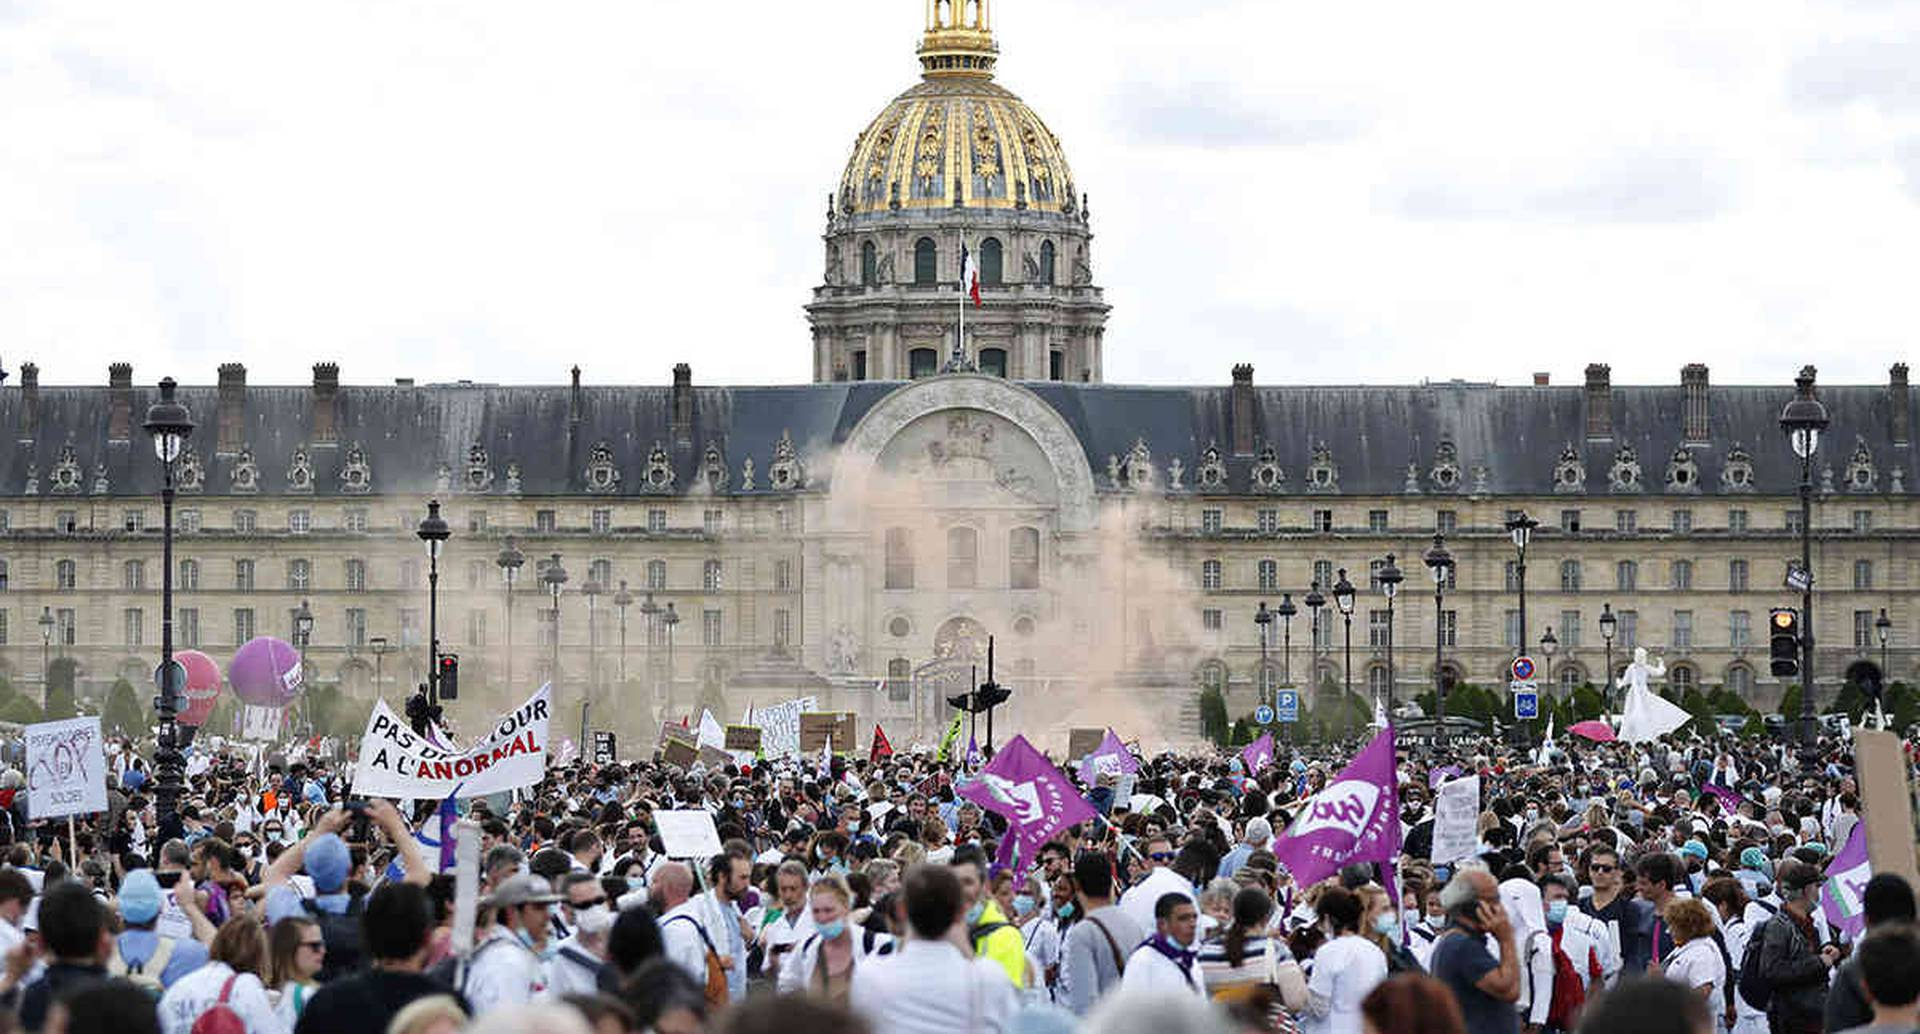 Los trabajadores del hospital marchan durante una manifestación, el martes 16 de junio de 2020 en París. Foto AP / Thibault Camus